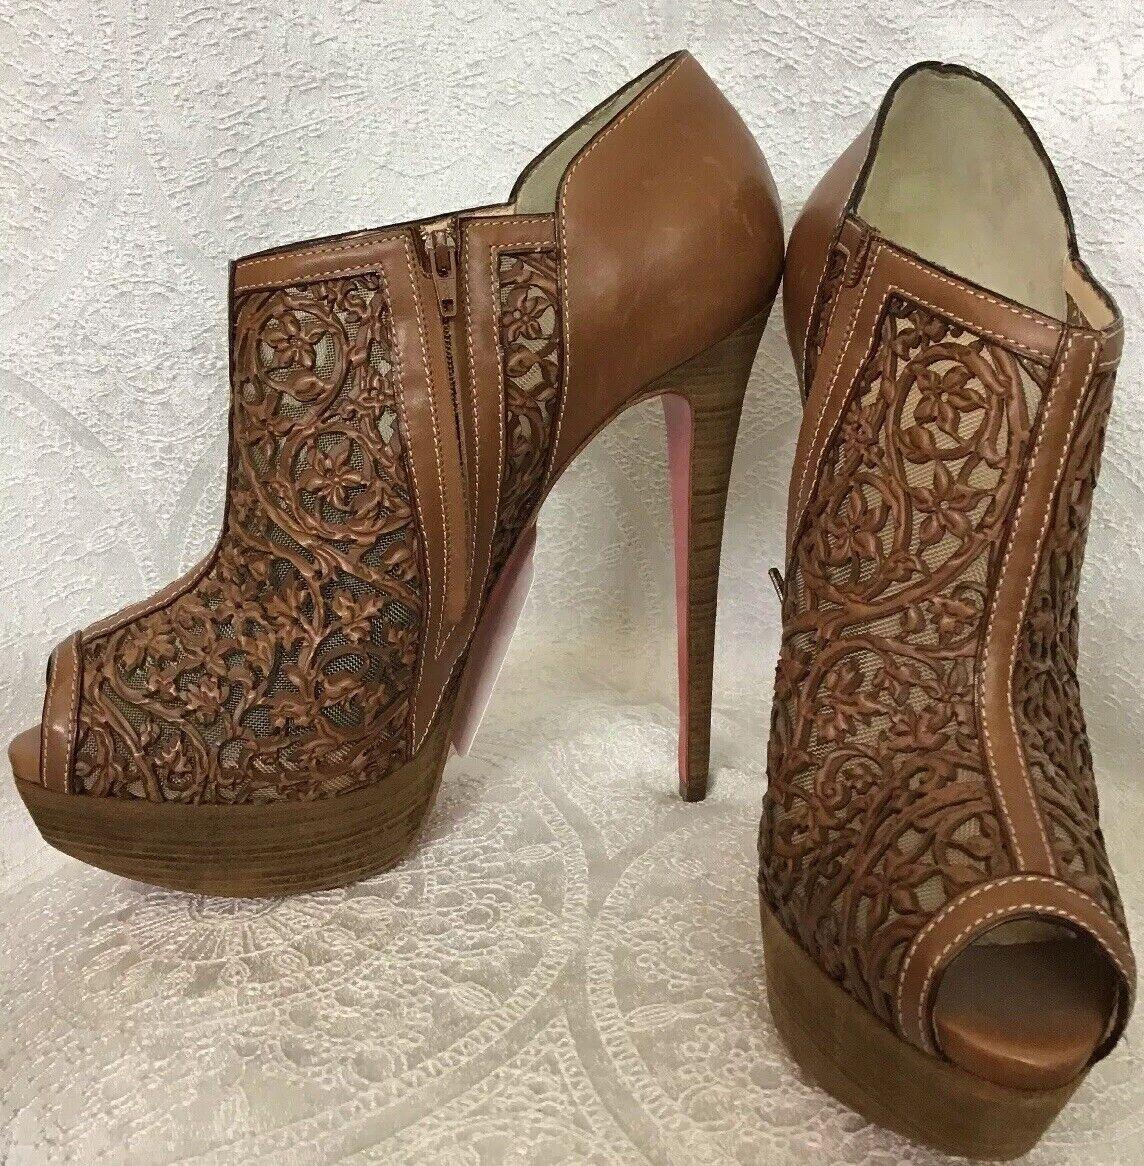 Louboutin scarpe Marronee Floral  Cutout Leather Platform Peep Toe Dimensione 40 1  2 NUOVO  negozio fa acquisti e vendite